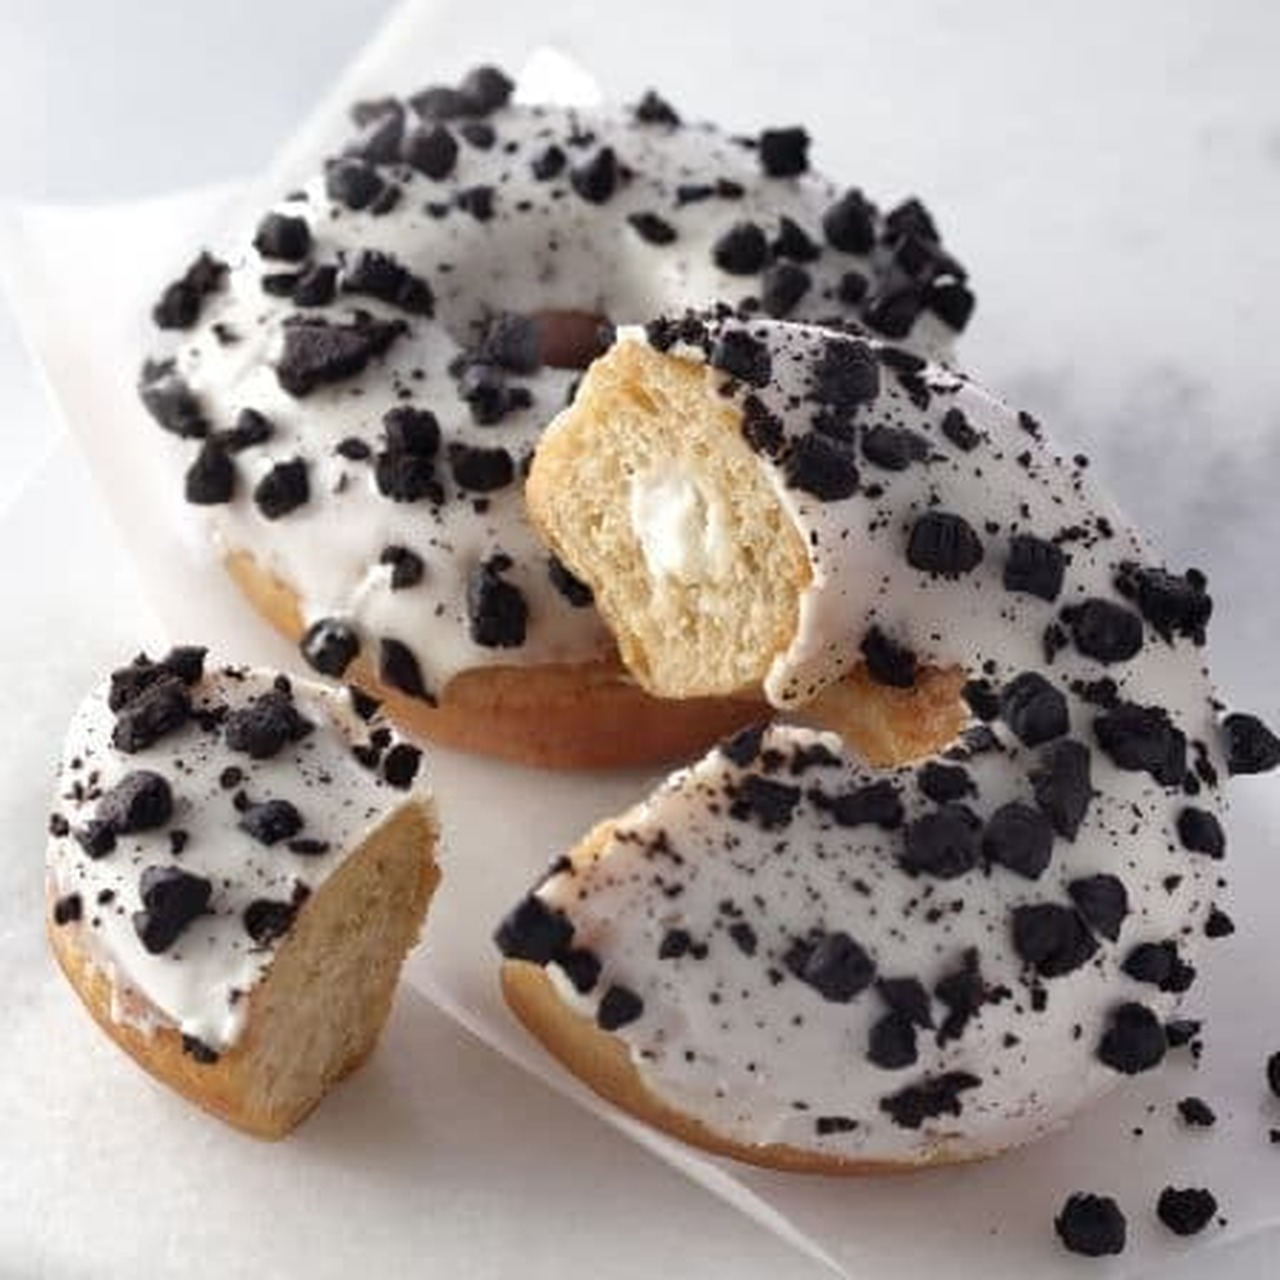 スターバックス「クッキー&クリームドーナツ」